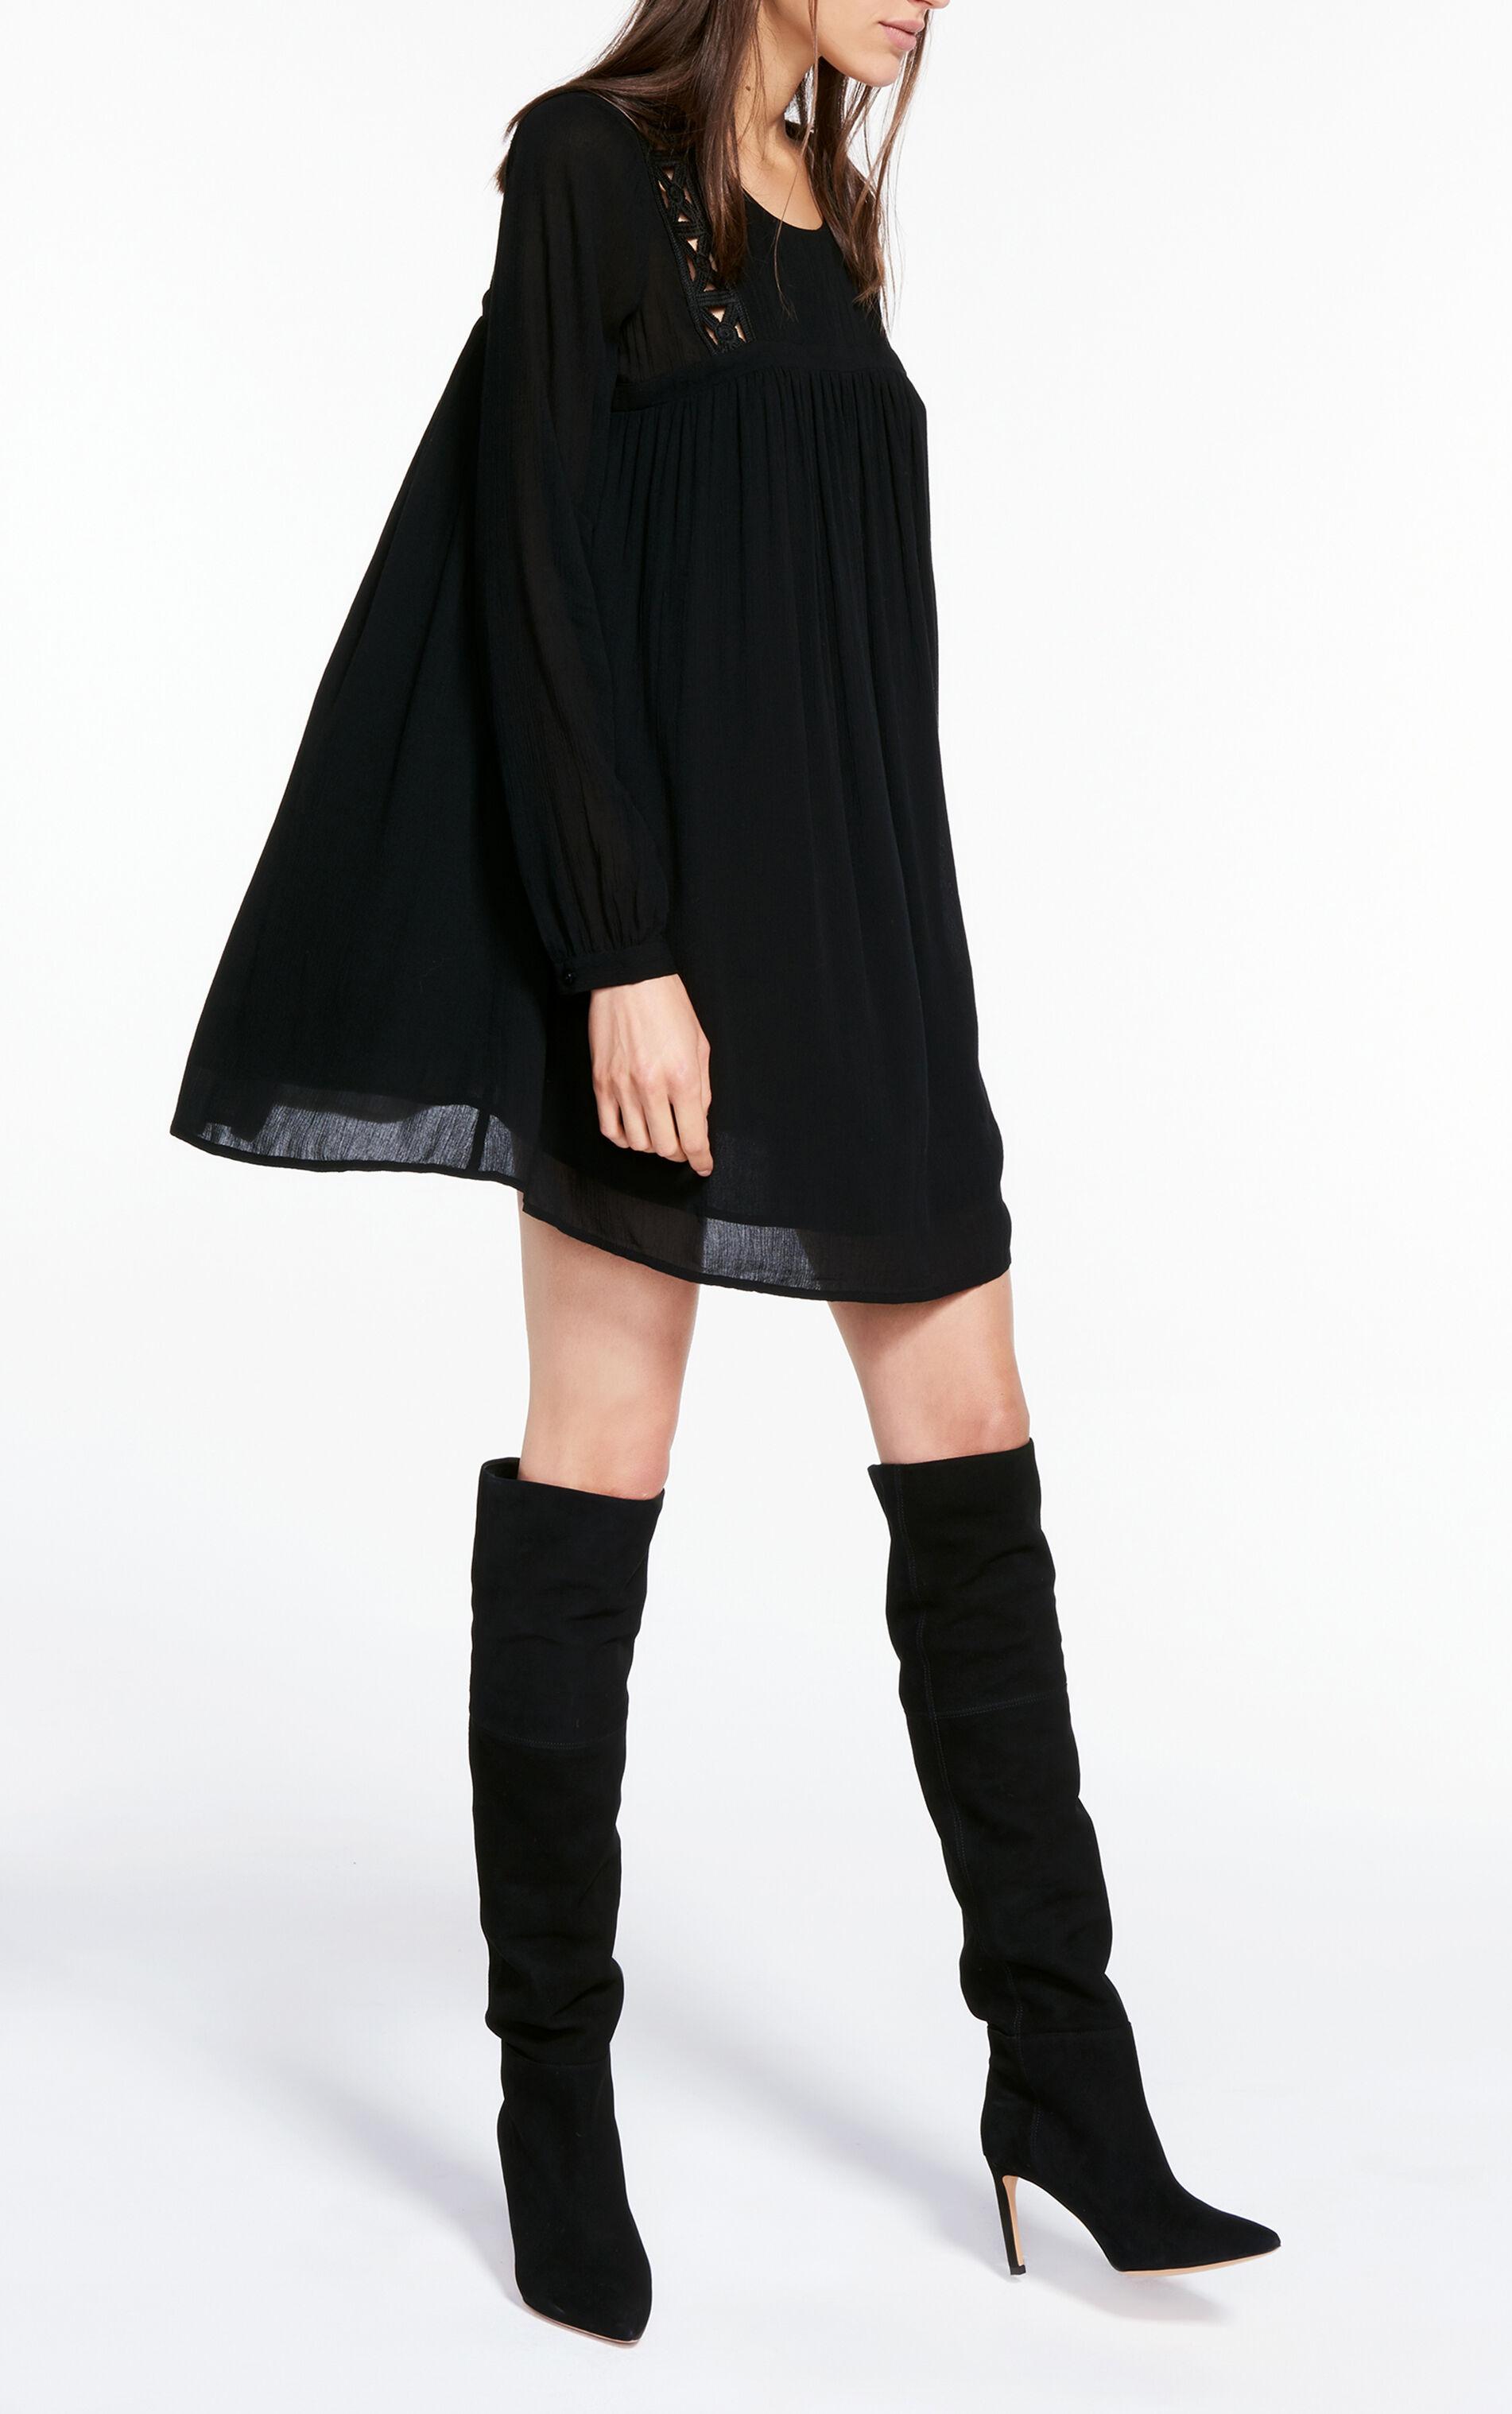 Robe kaki et noir h&m